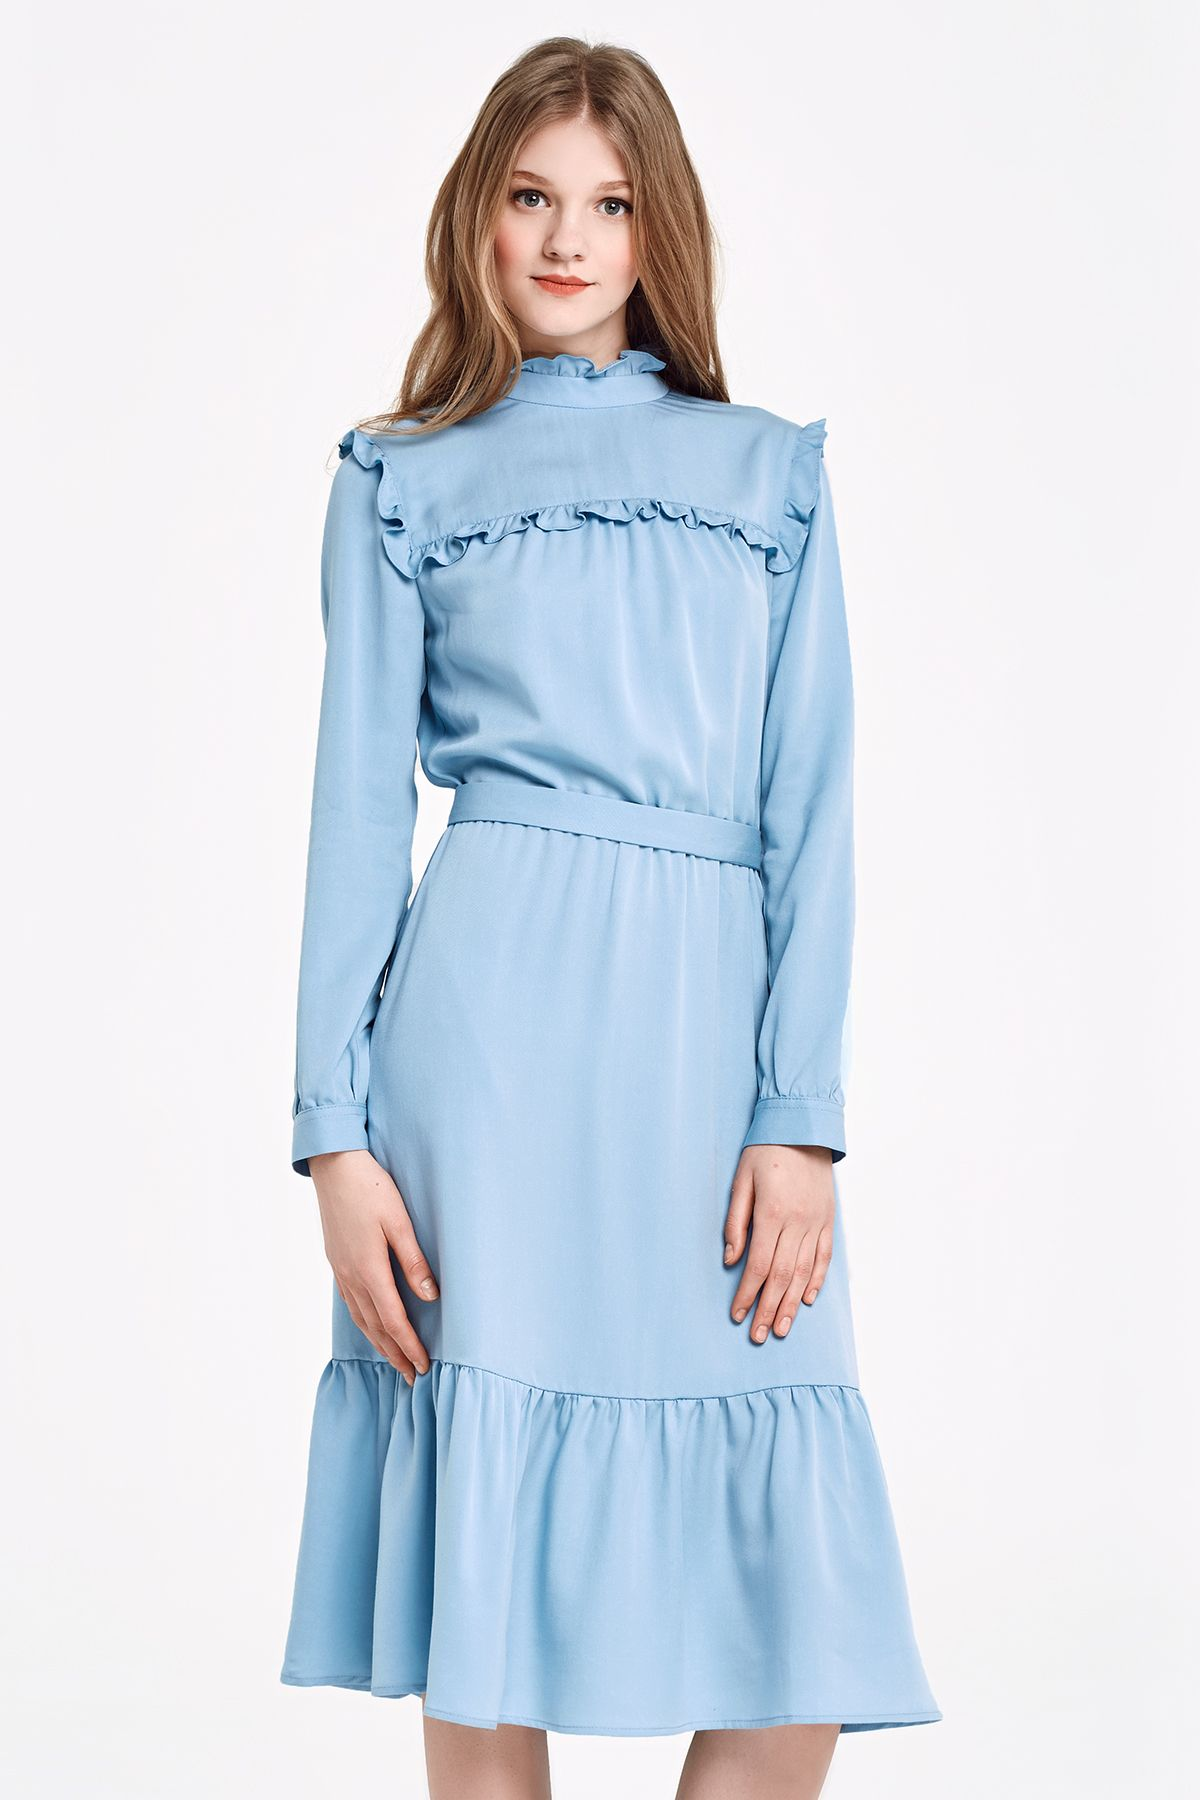 d71ddd20fe137eb Платье голубого цвета с рюшей по кокетке купить в Украине, цена в каталоге  интернет-магазина брендовой одежды Musthave